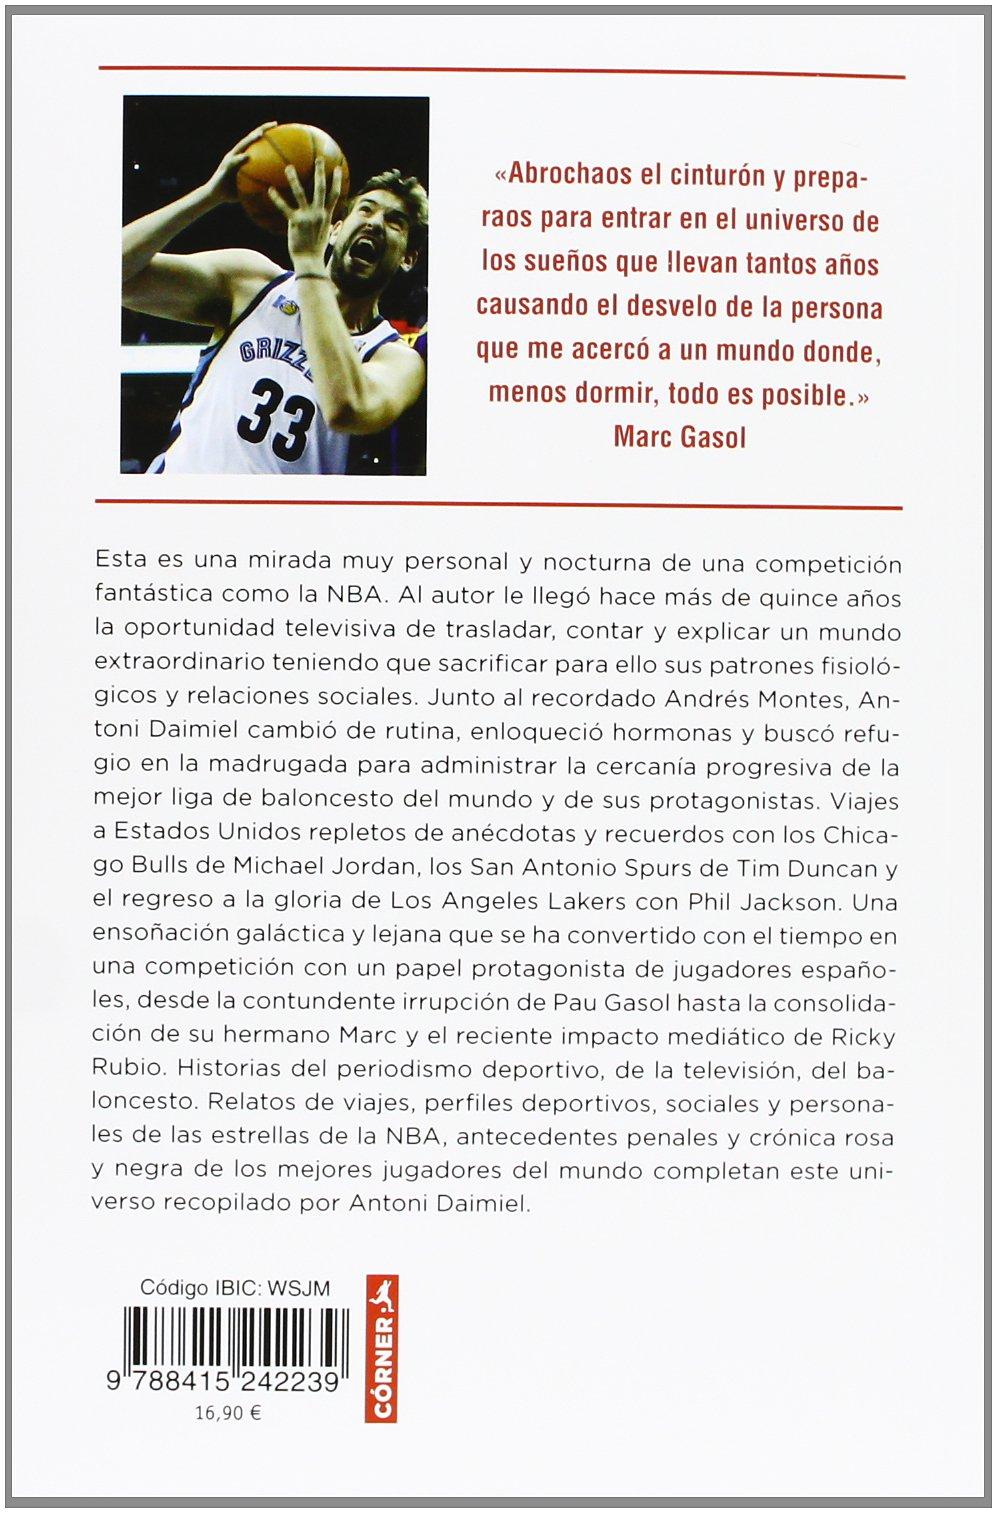 El sueño de mi desvelo: Historias nocturnas e imborrables de la NBA  Deportes corner: Amazon.es: Antoni Daimiel: Libros